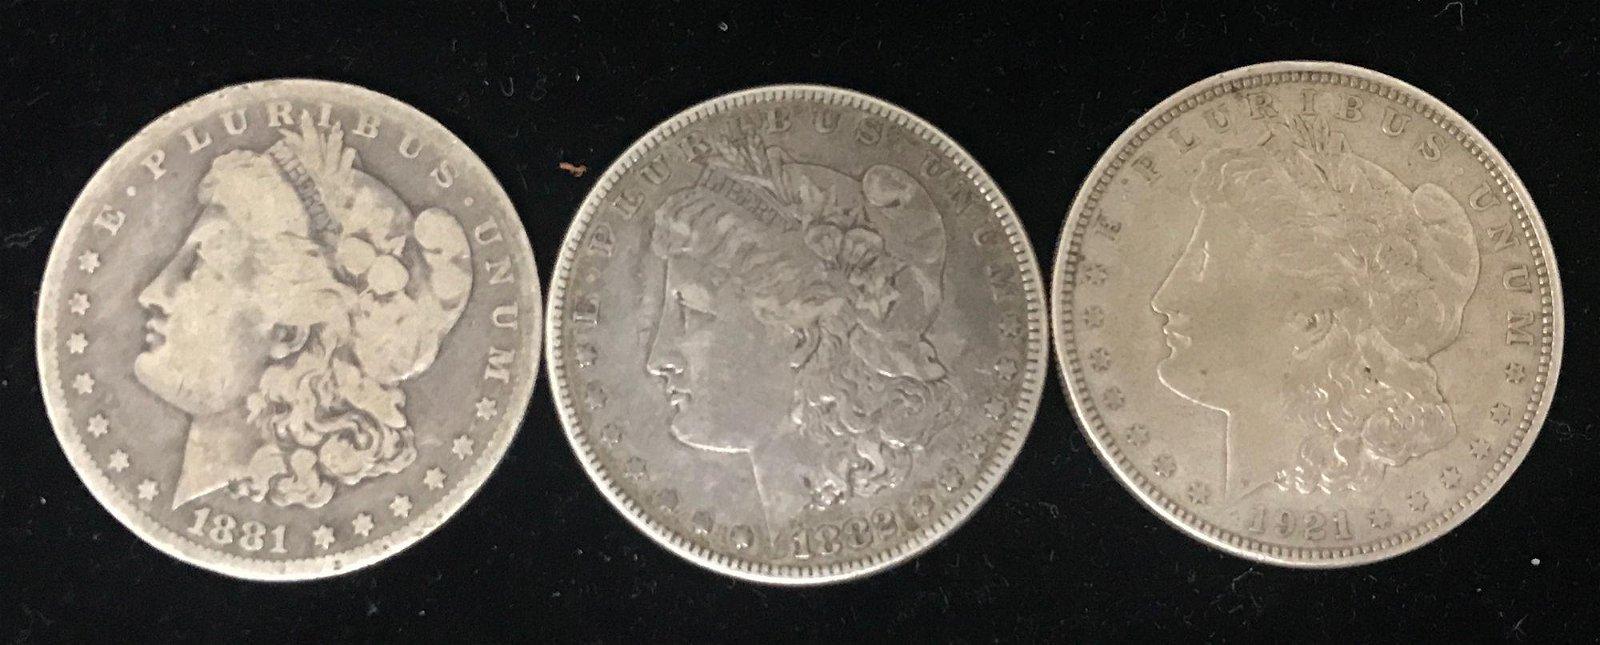 3 MORGAN SILVER DOLLARS 1881O, 1882, AND 1921 *tax